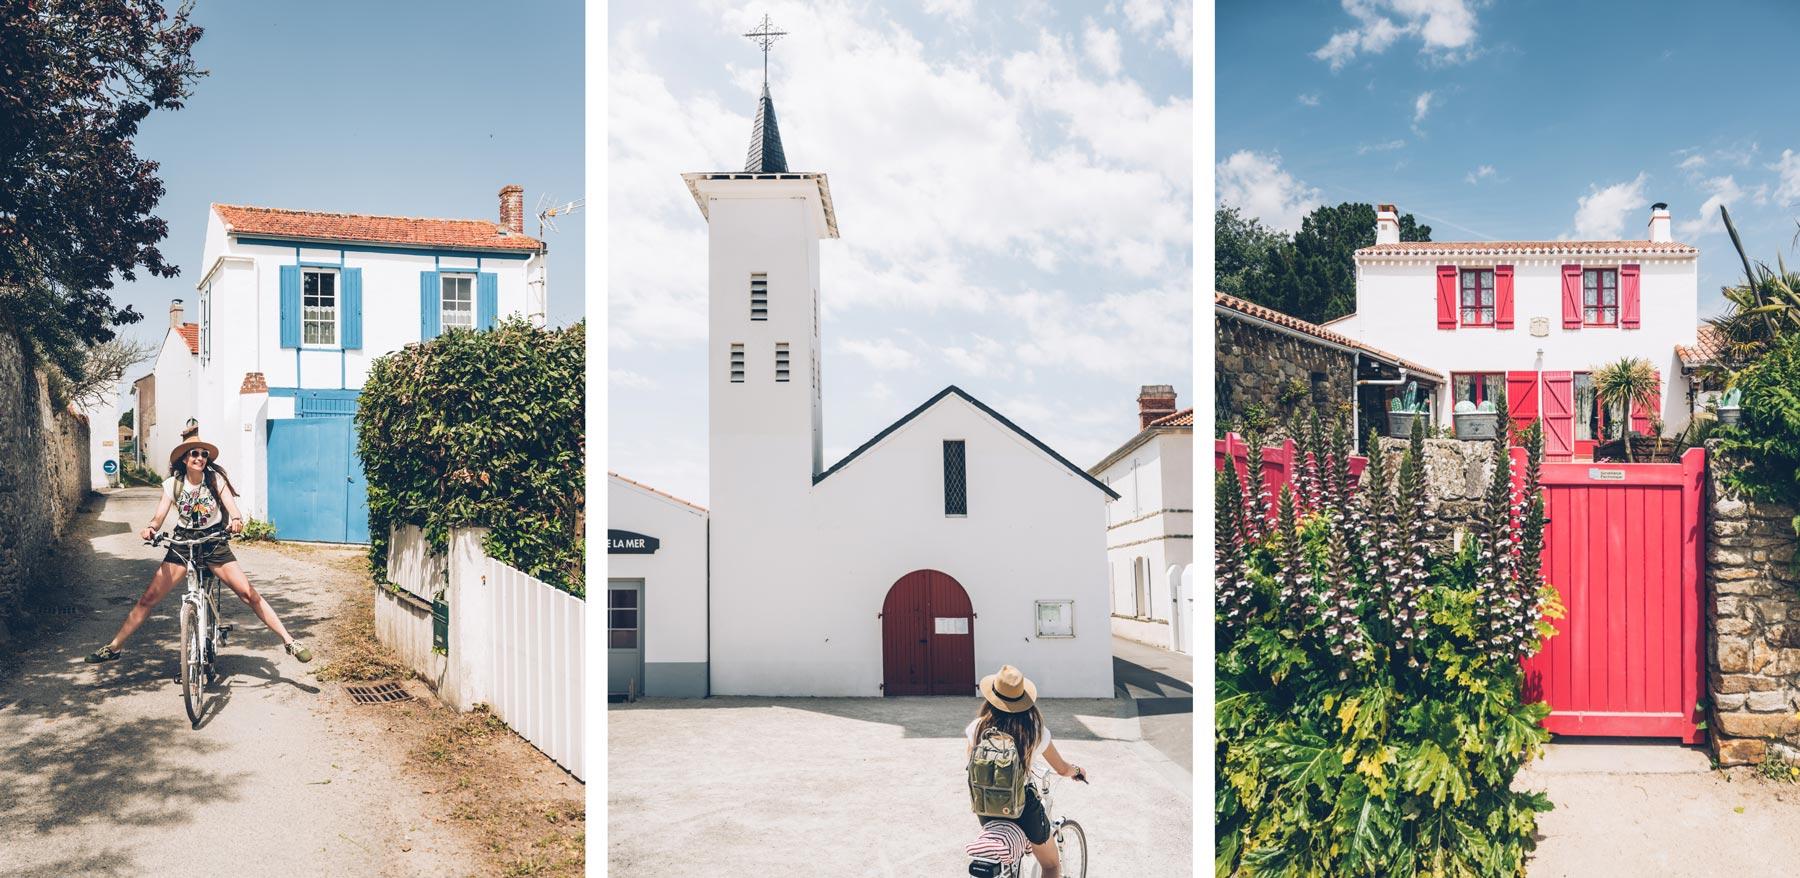 Le Viel, Noirmoutier